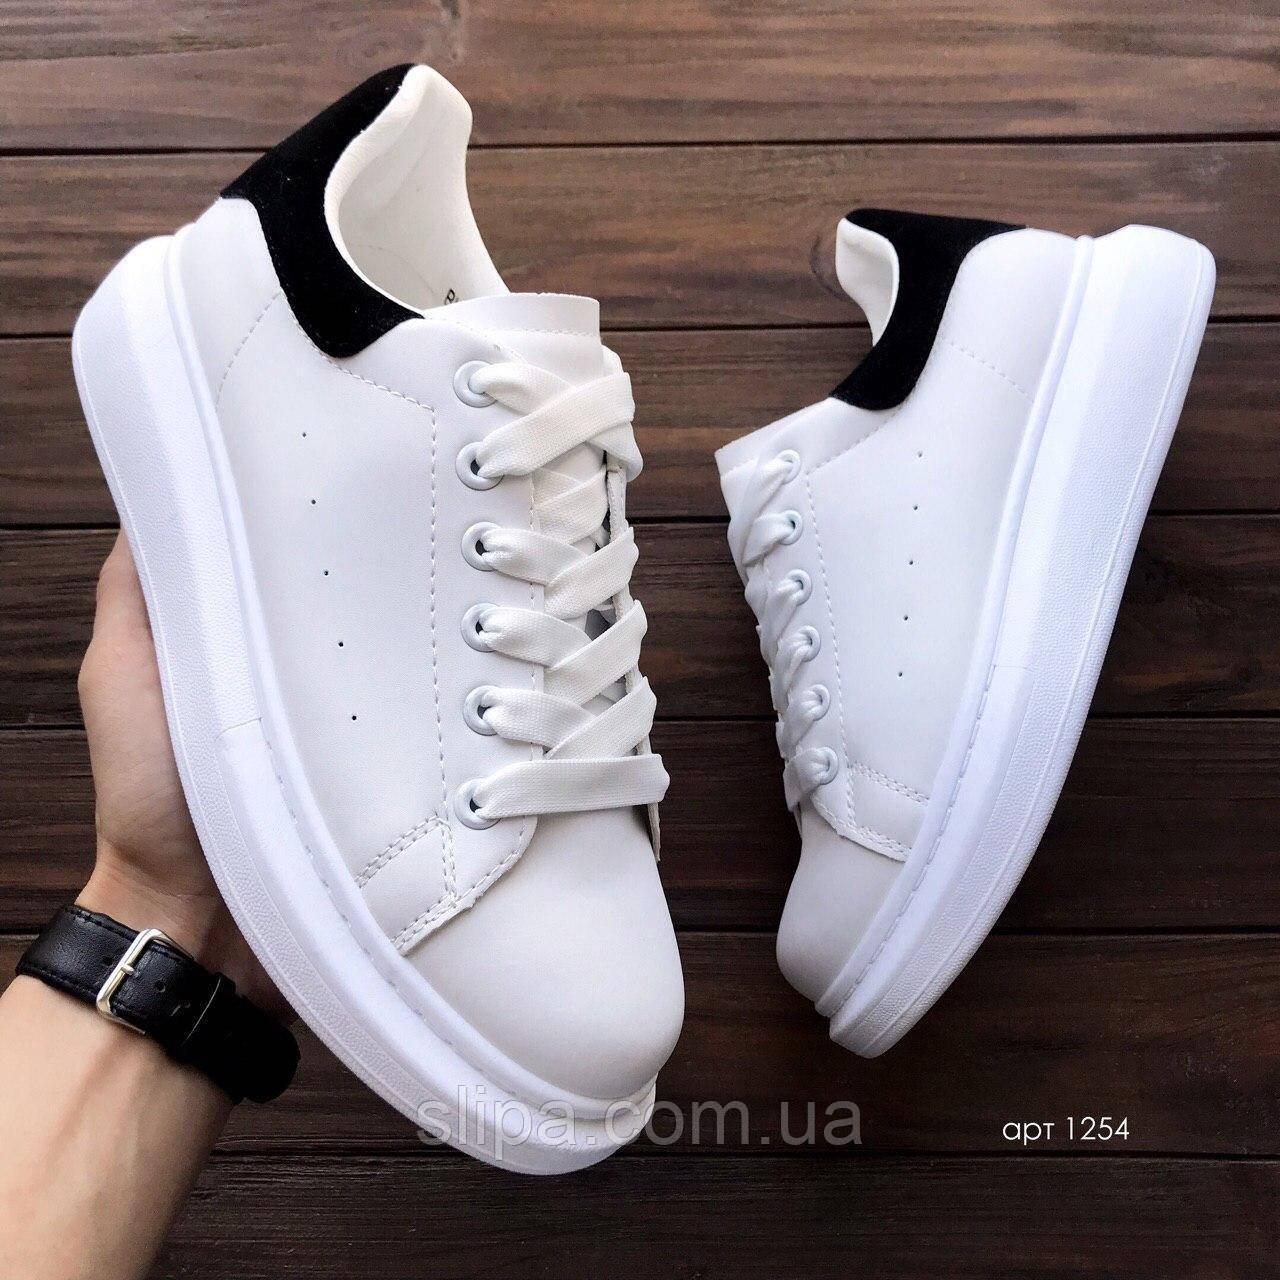 Чоловічі кросівки з еко шкіри Mac Vin White